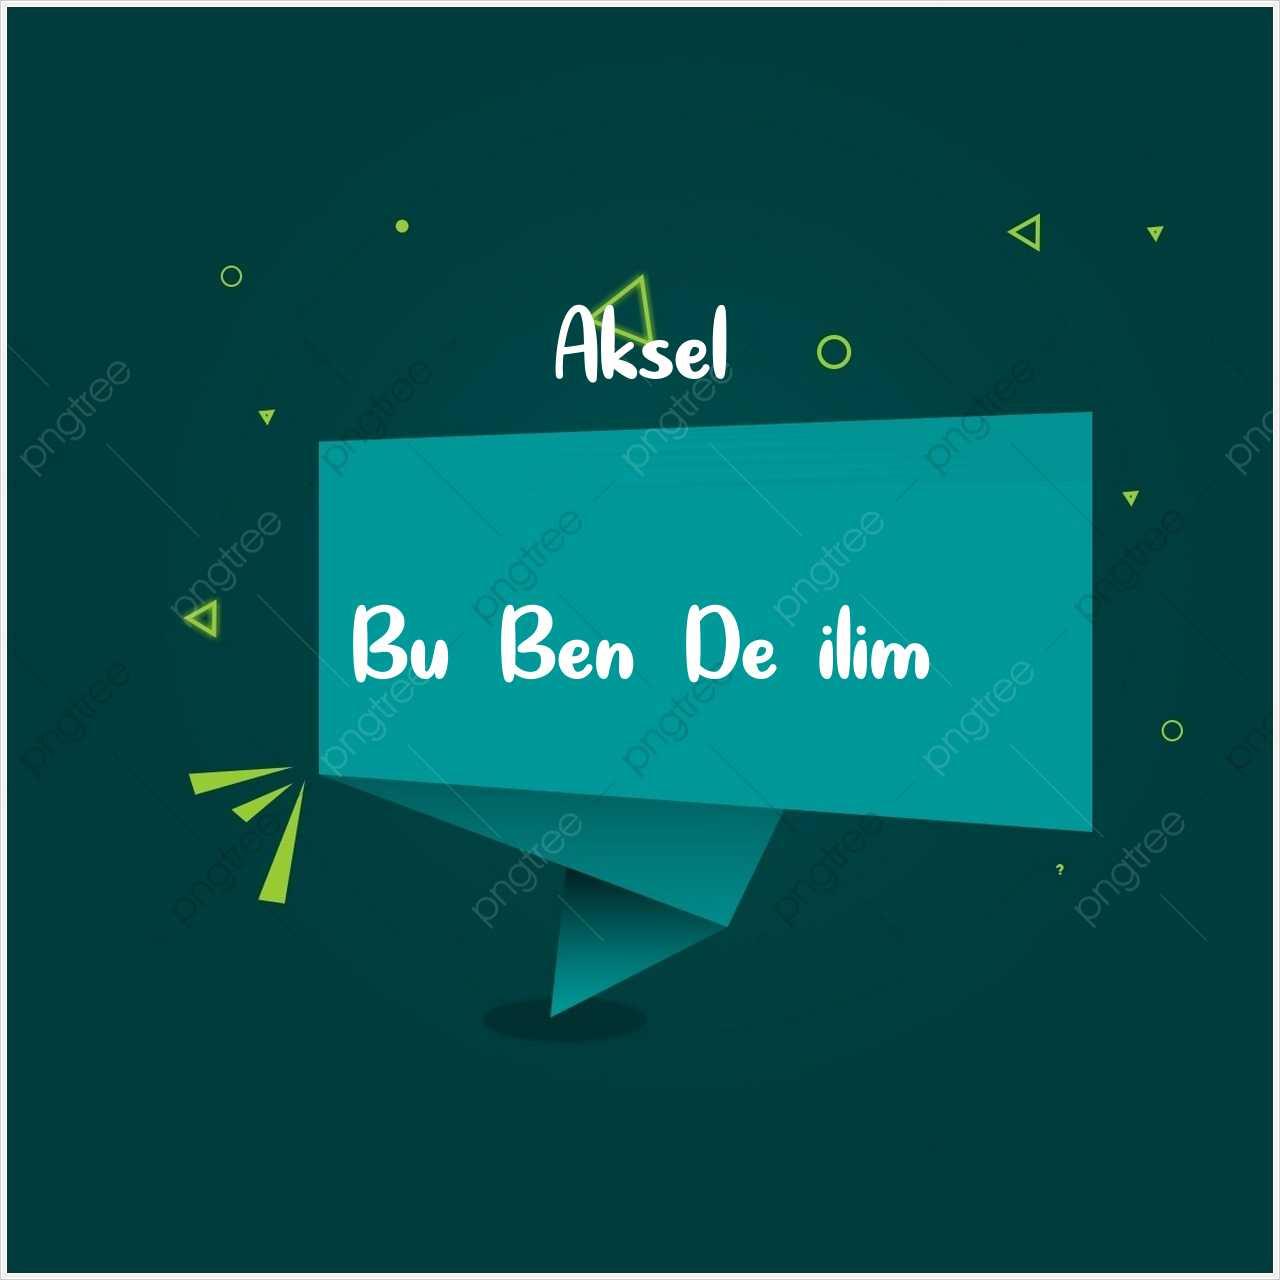 دانلود آهنگ جدید Aksel به نام Bu Ben Değilim